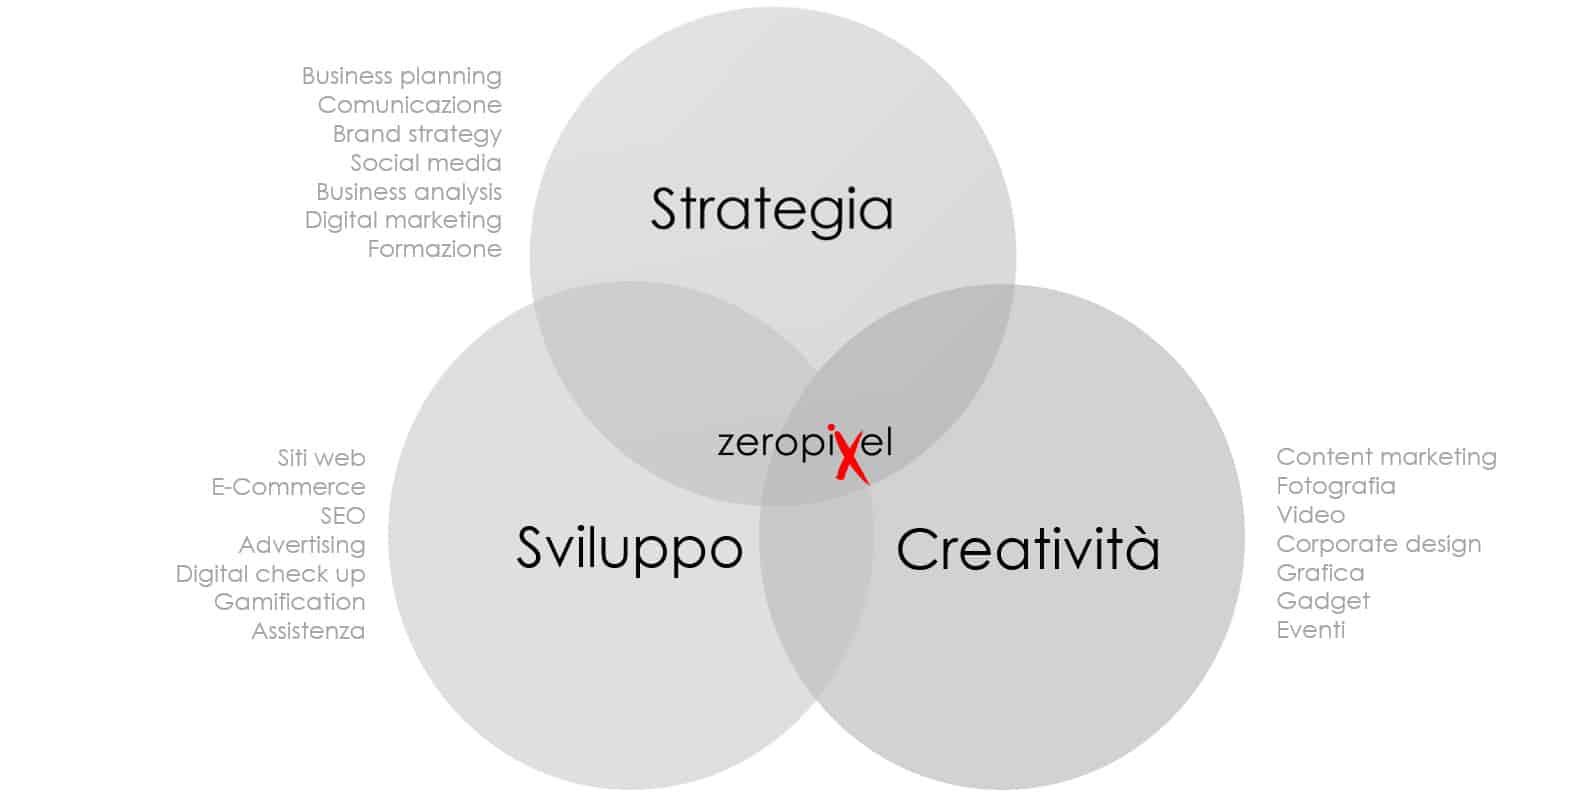 Strategia Sviluppo e Creatività in Zero Pixel